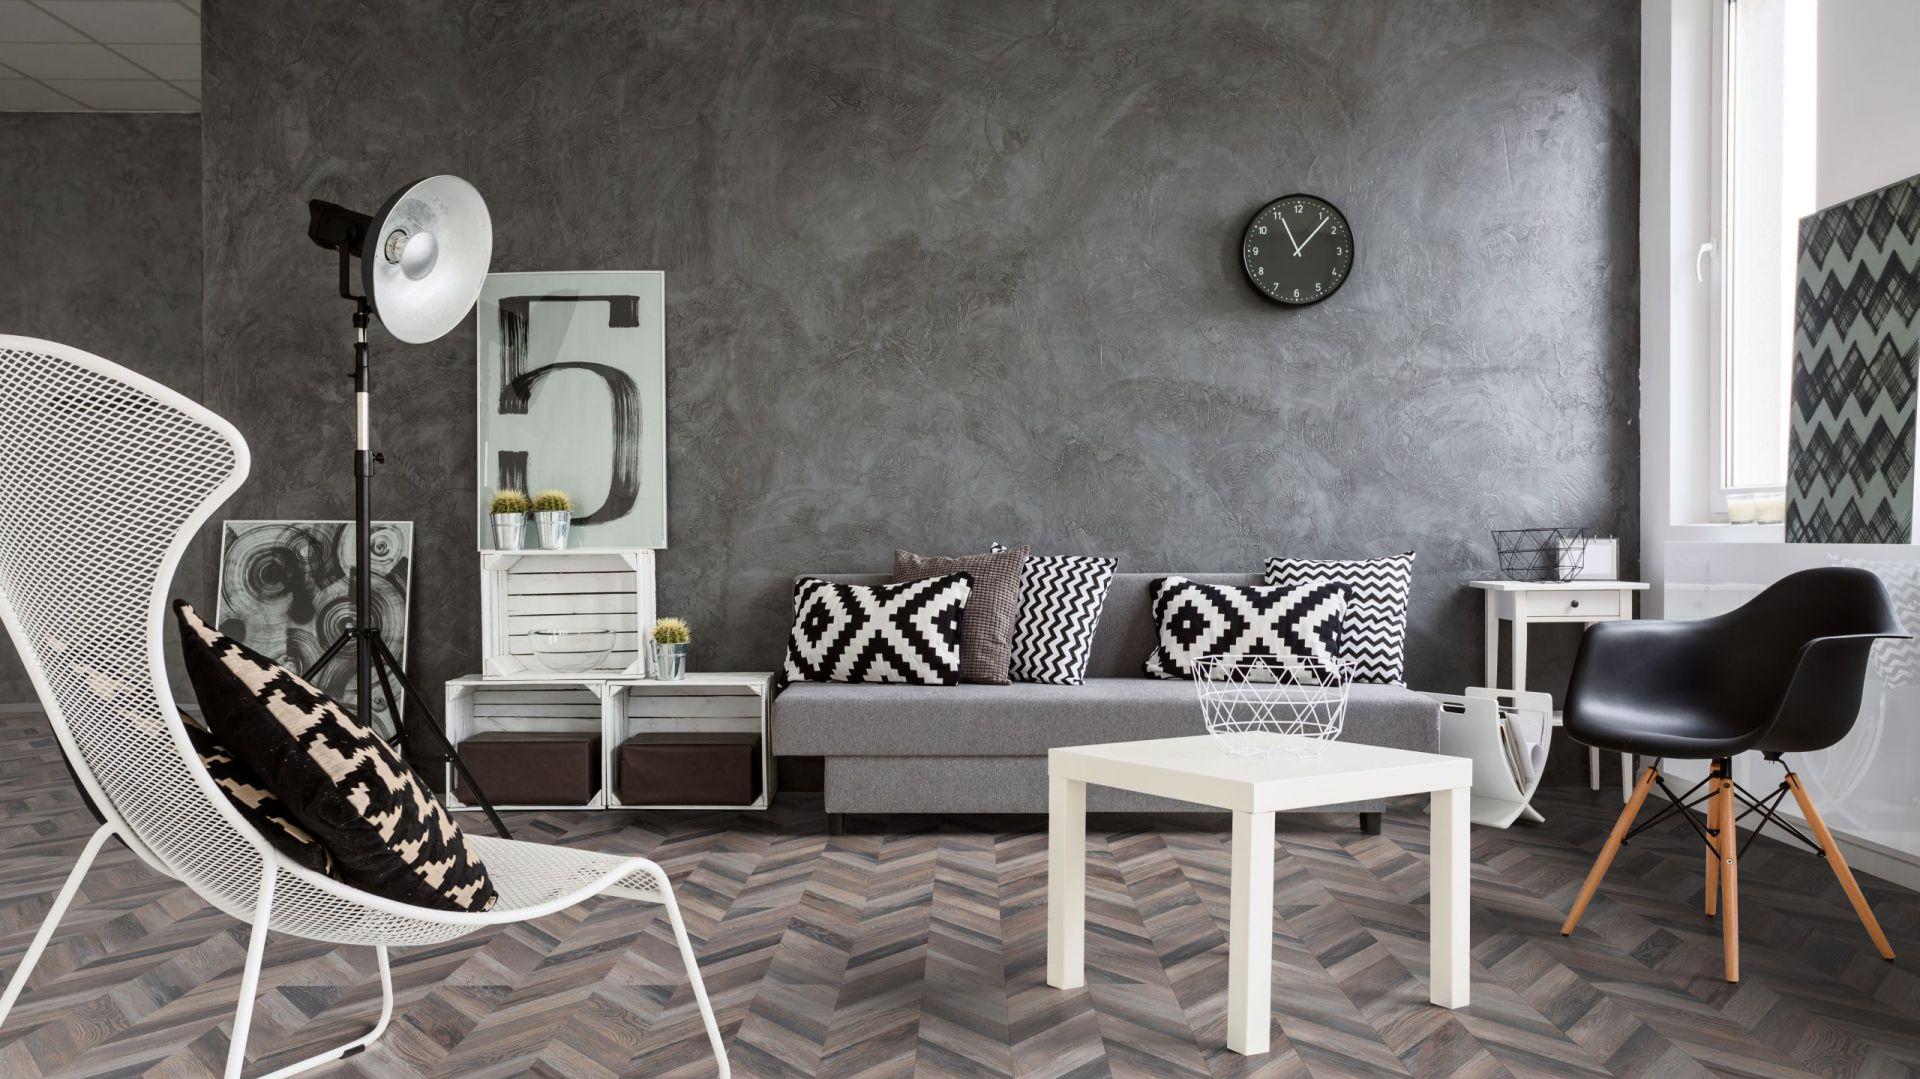 Jodełka francuska, czyli kunsztowny sposób ułożenia podłogi efektownie prezentuje się na panelach laminowanych z kolekcji Loft Artisan. Fot. RuckZuck